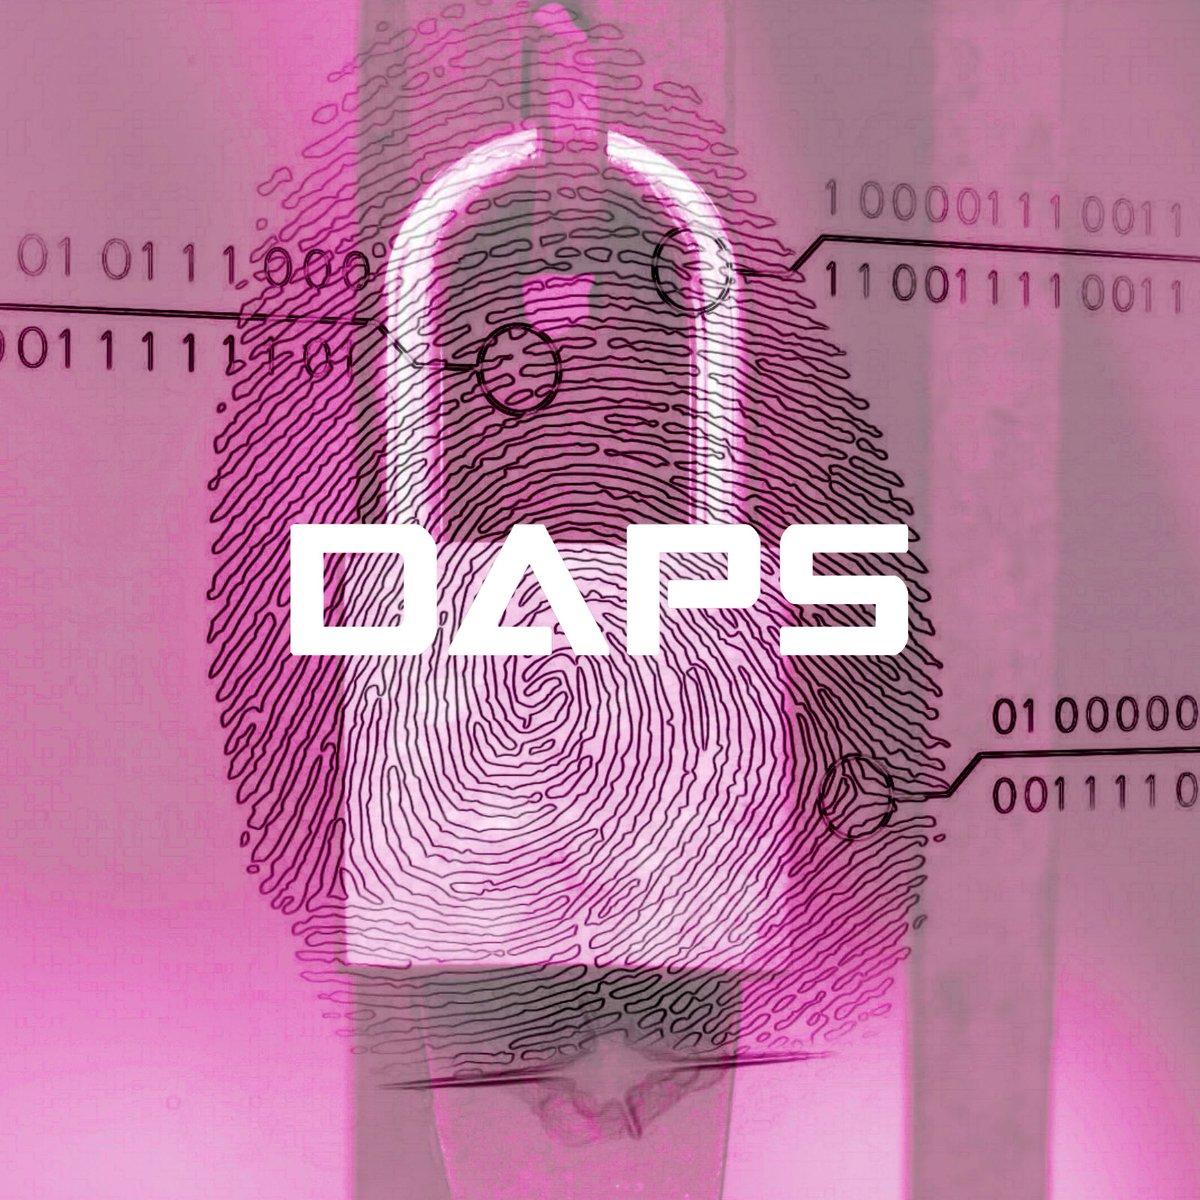 DAPS Coin Official (@DAPScoin) | Twitter